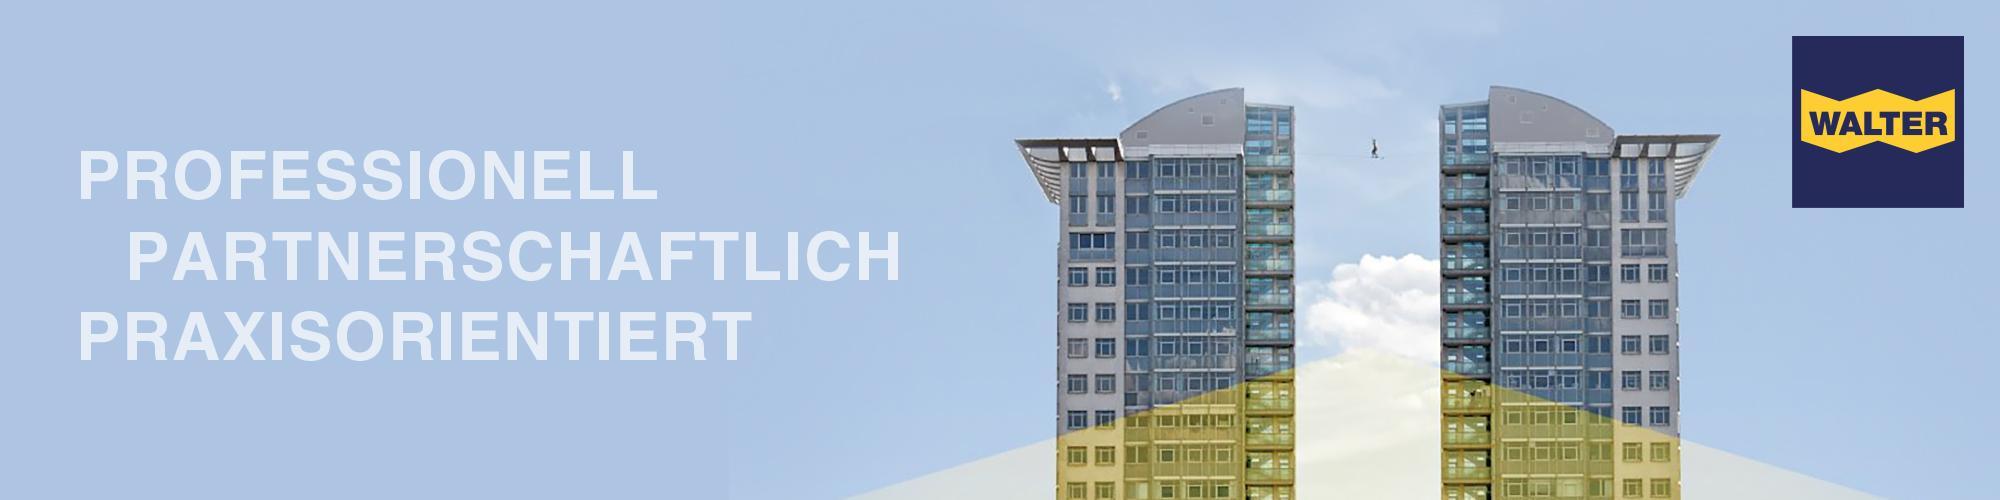 WALTER Beteiligungen und Immobilien AG